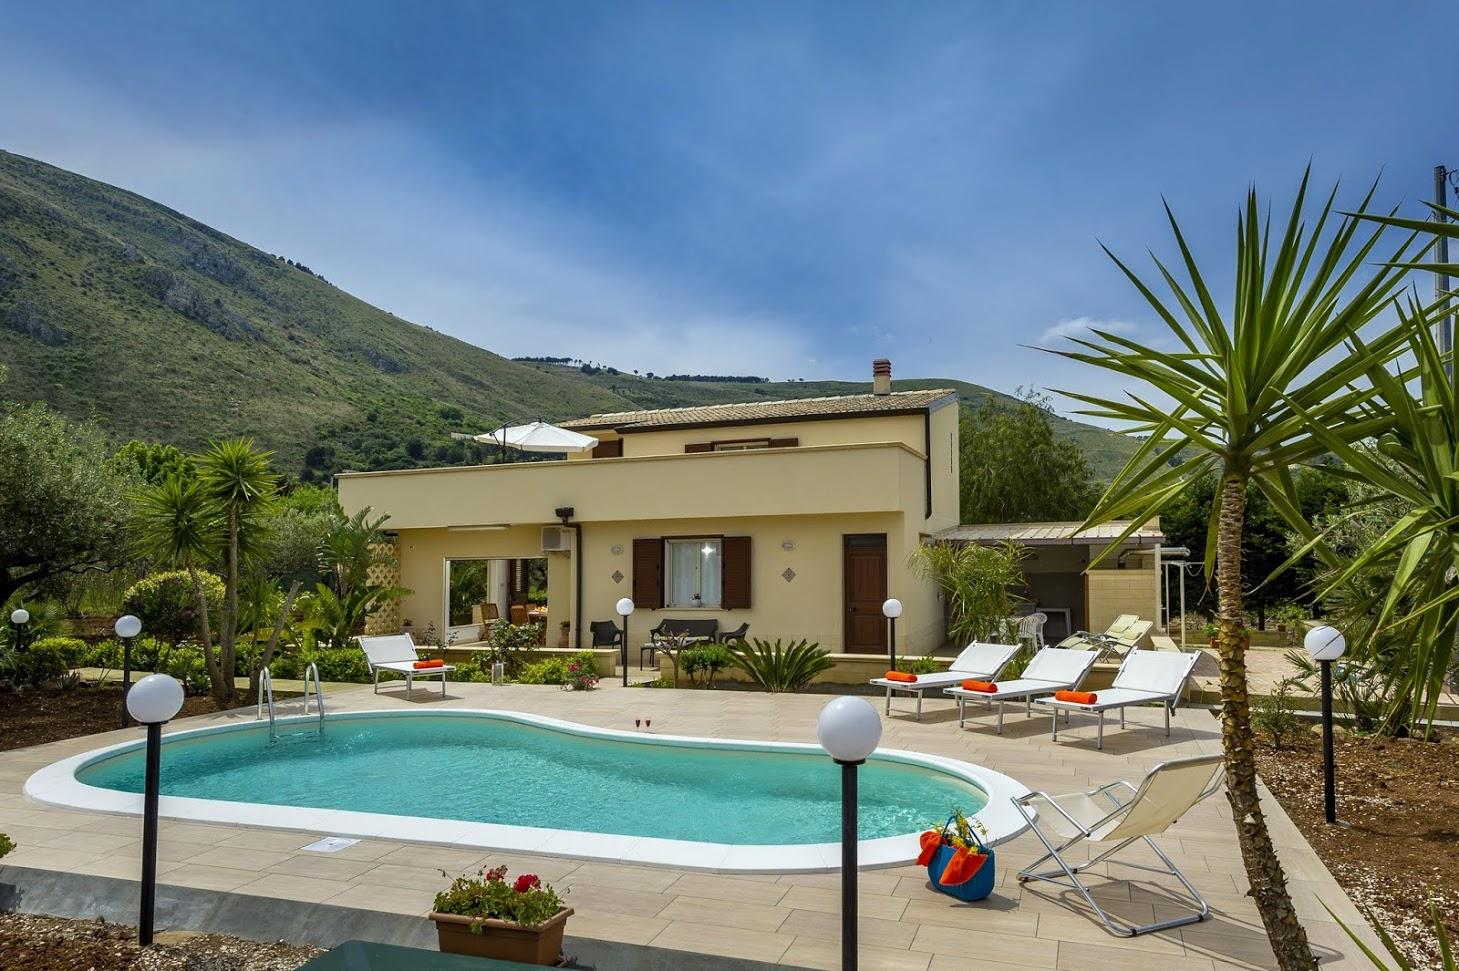 Vakantiehuis in Castellamare del Golfo met zwembad, in Sicilie.